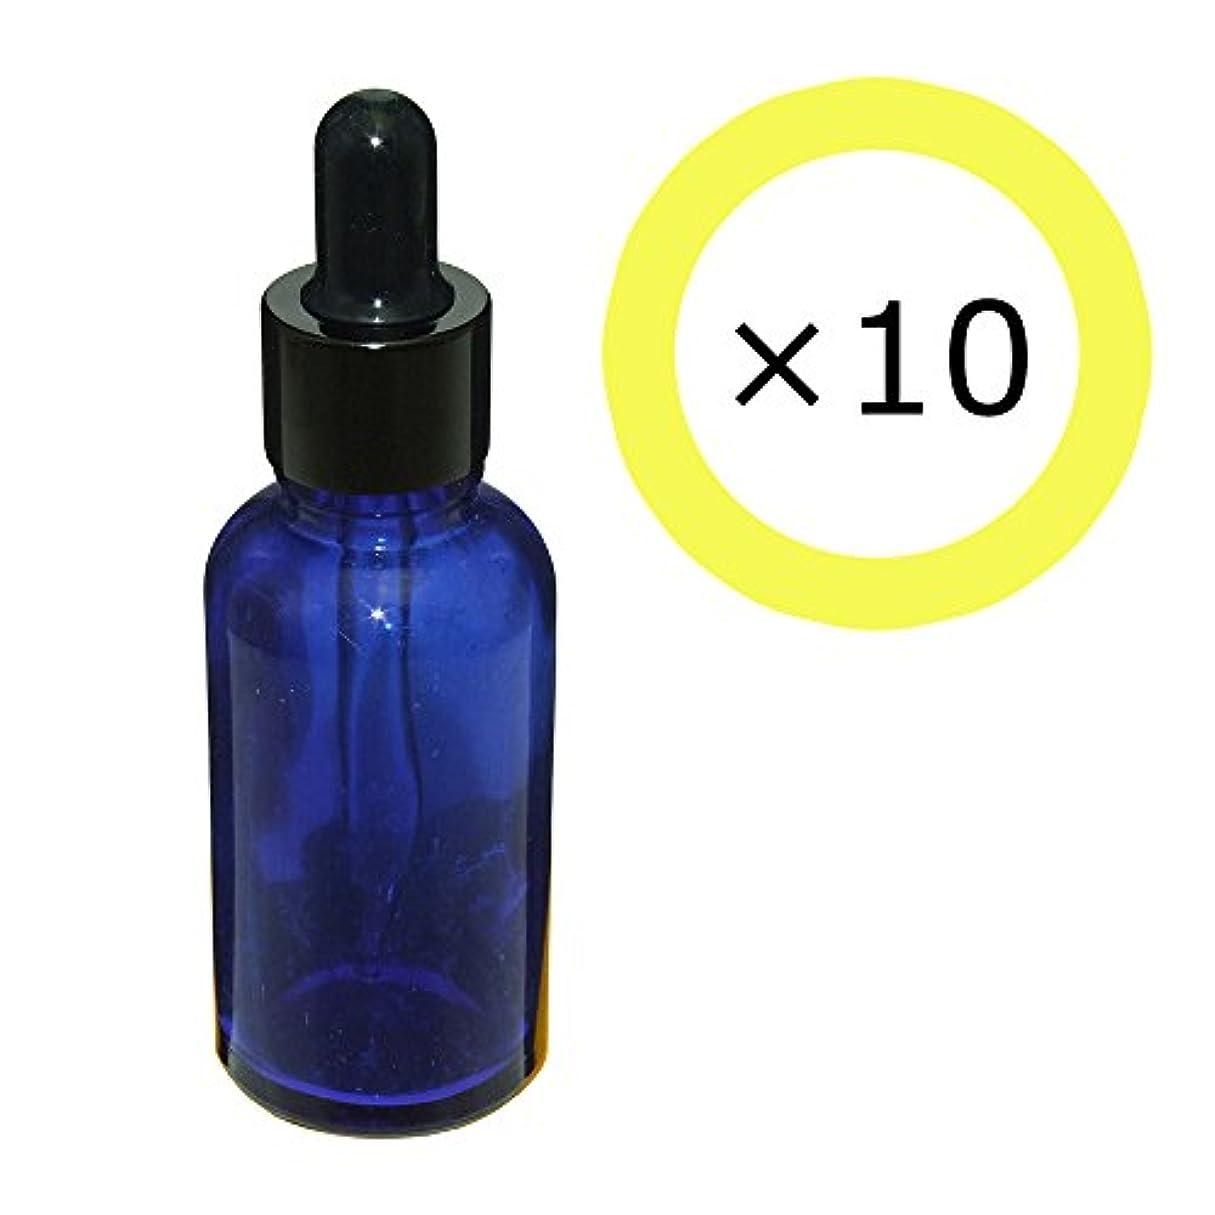 学生謎めいたハムガレージ・ゼロ 遮光ガラス スポイド瓶 先細タイプ 青 30ml×10個/アロマ保存